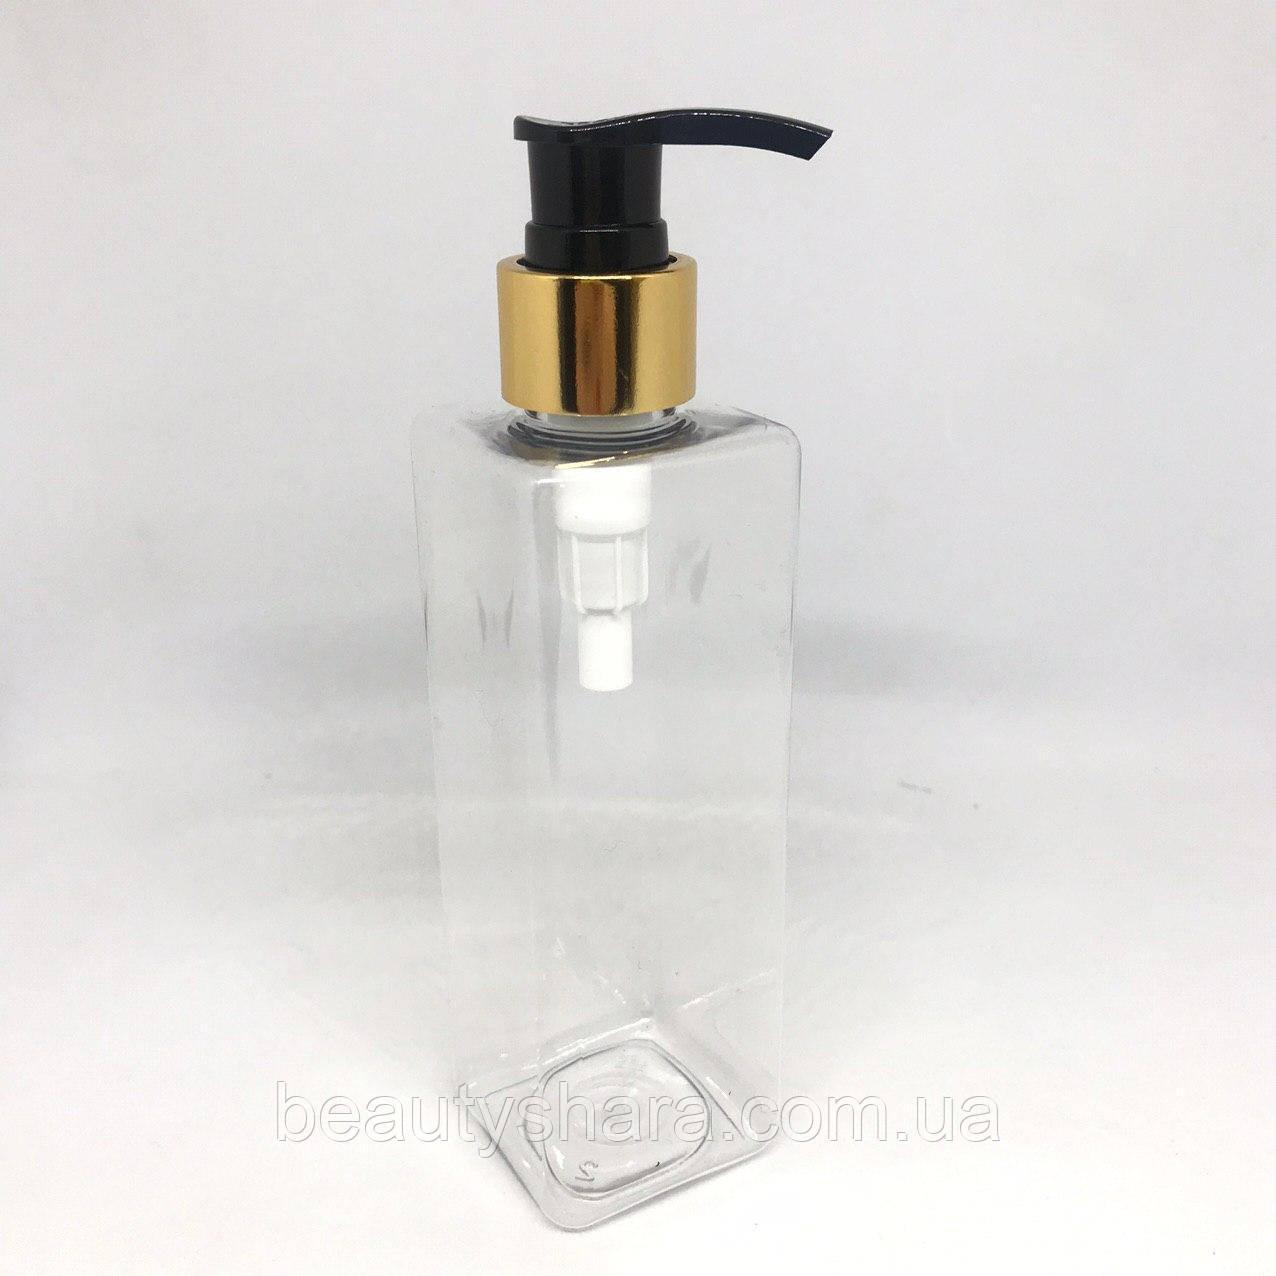 Флакон с дозатором для мыла 250 мл (золотой)